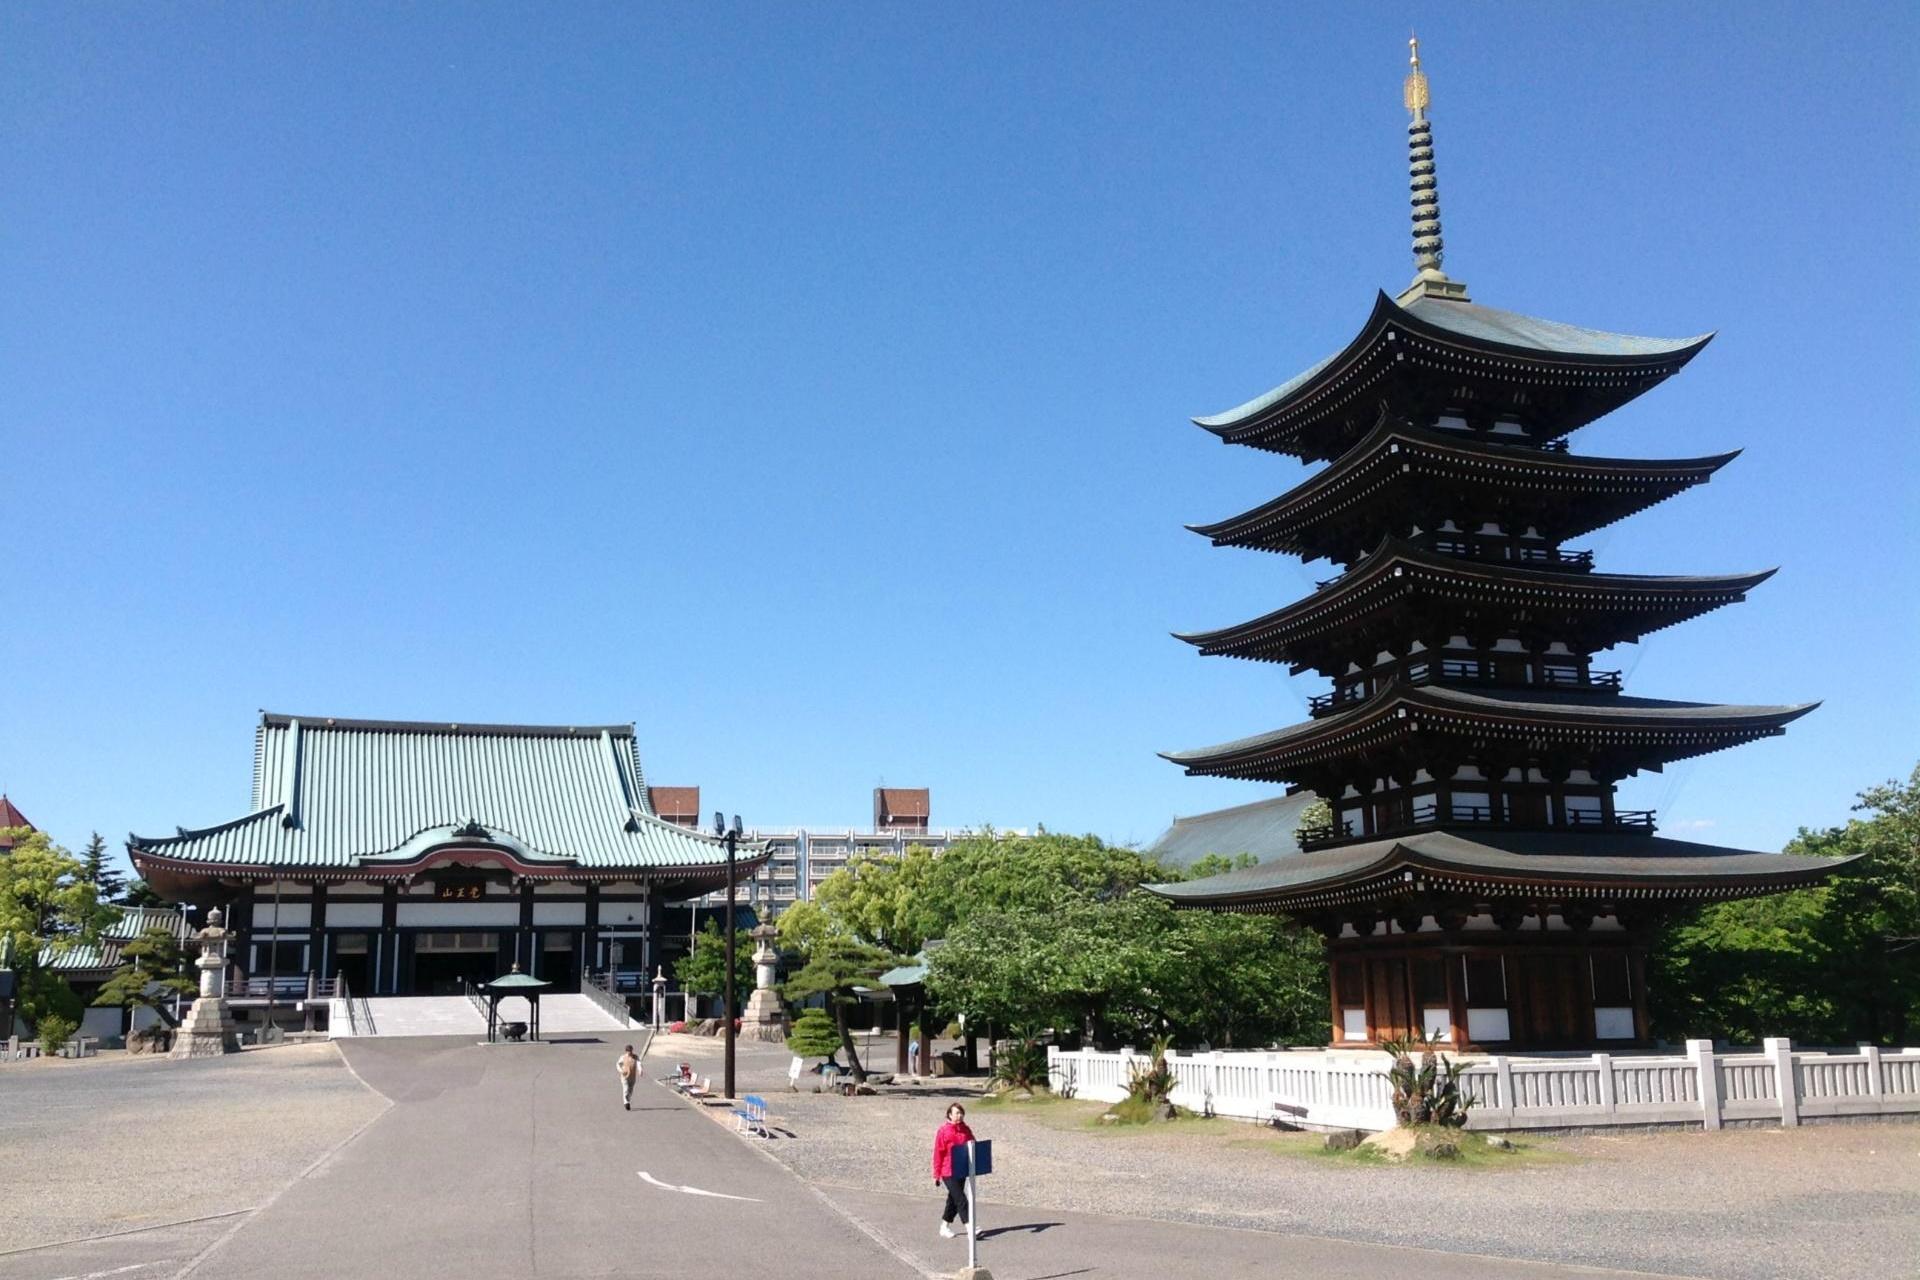 เที่ยวตามรอยพ่อ สักการะพระพุทธรูปเชื่อมความสัมพันธ์ไทย-ญี่ปุ่น ที่วัดนิตไตจิ (Nittaiji Temple)